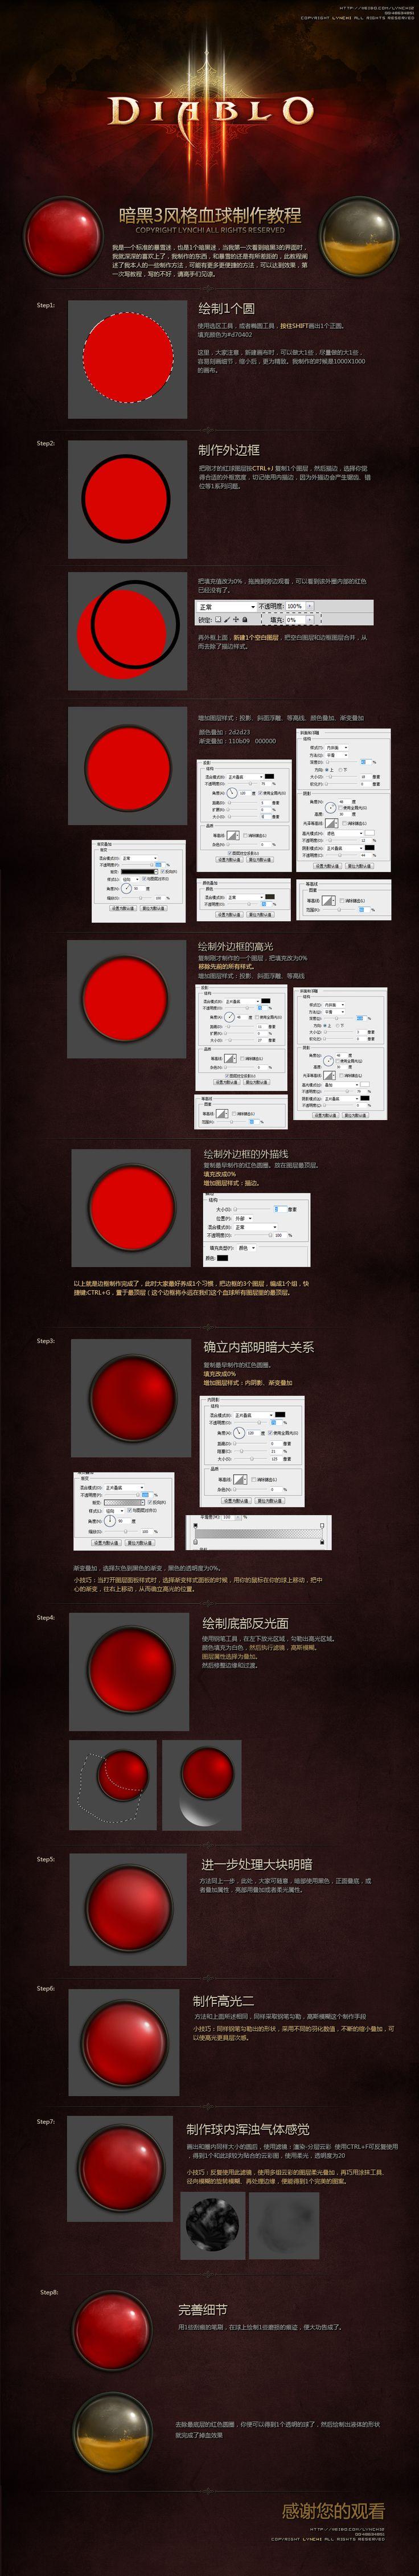 暗黑3风格血球制作 [教程]